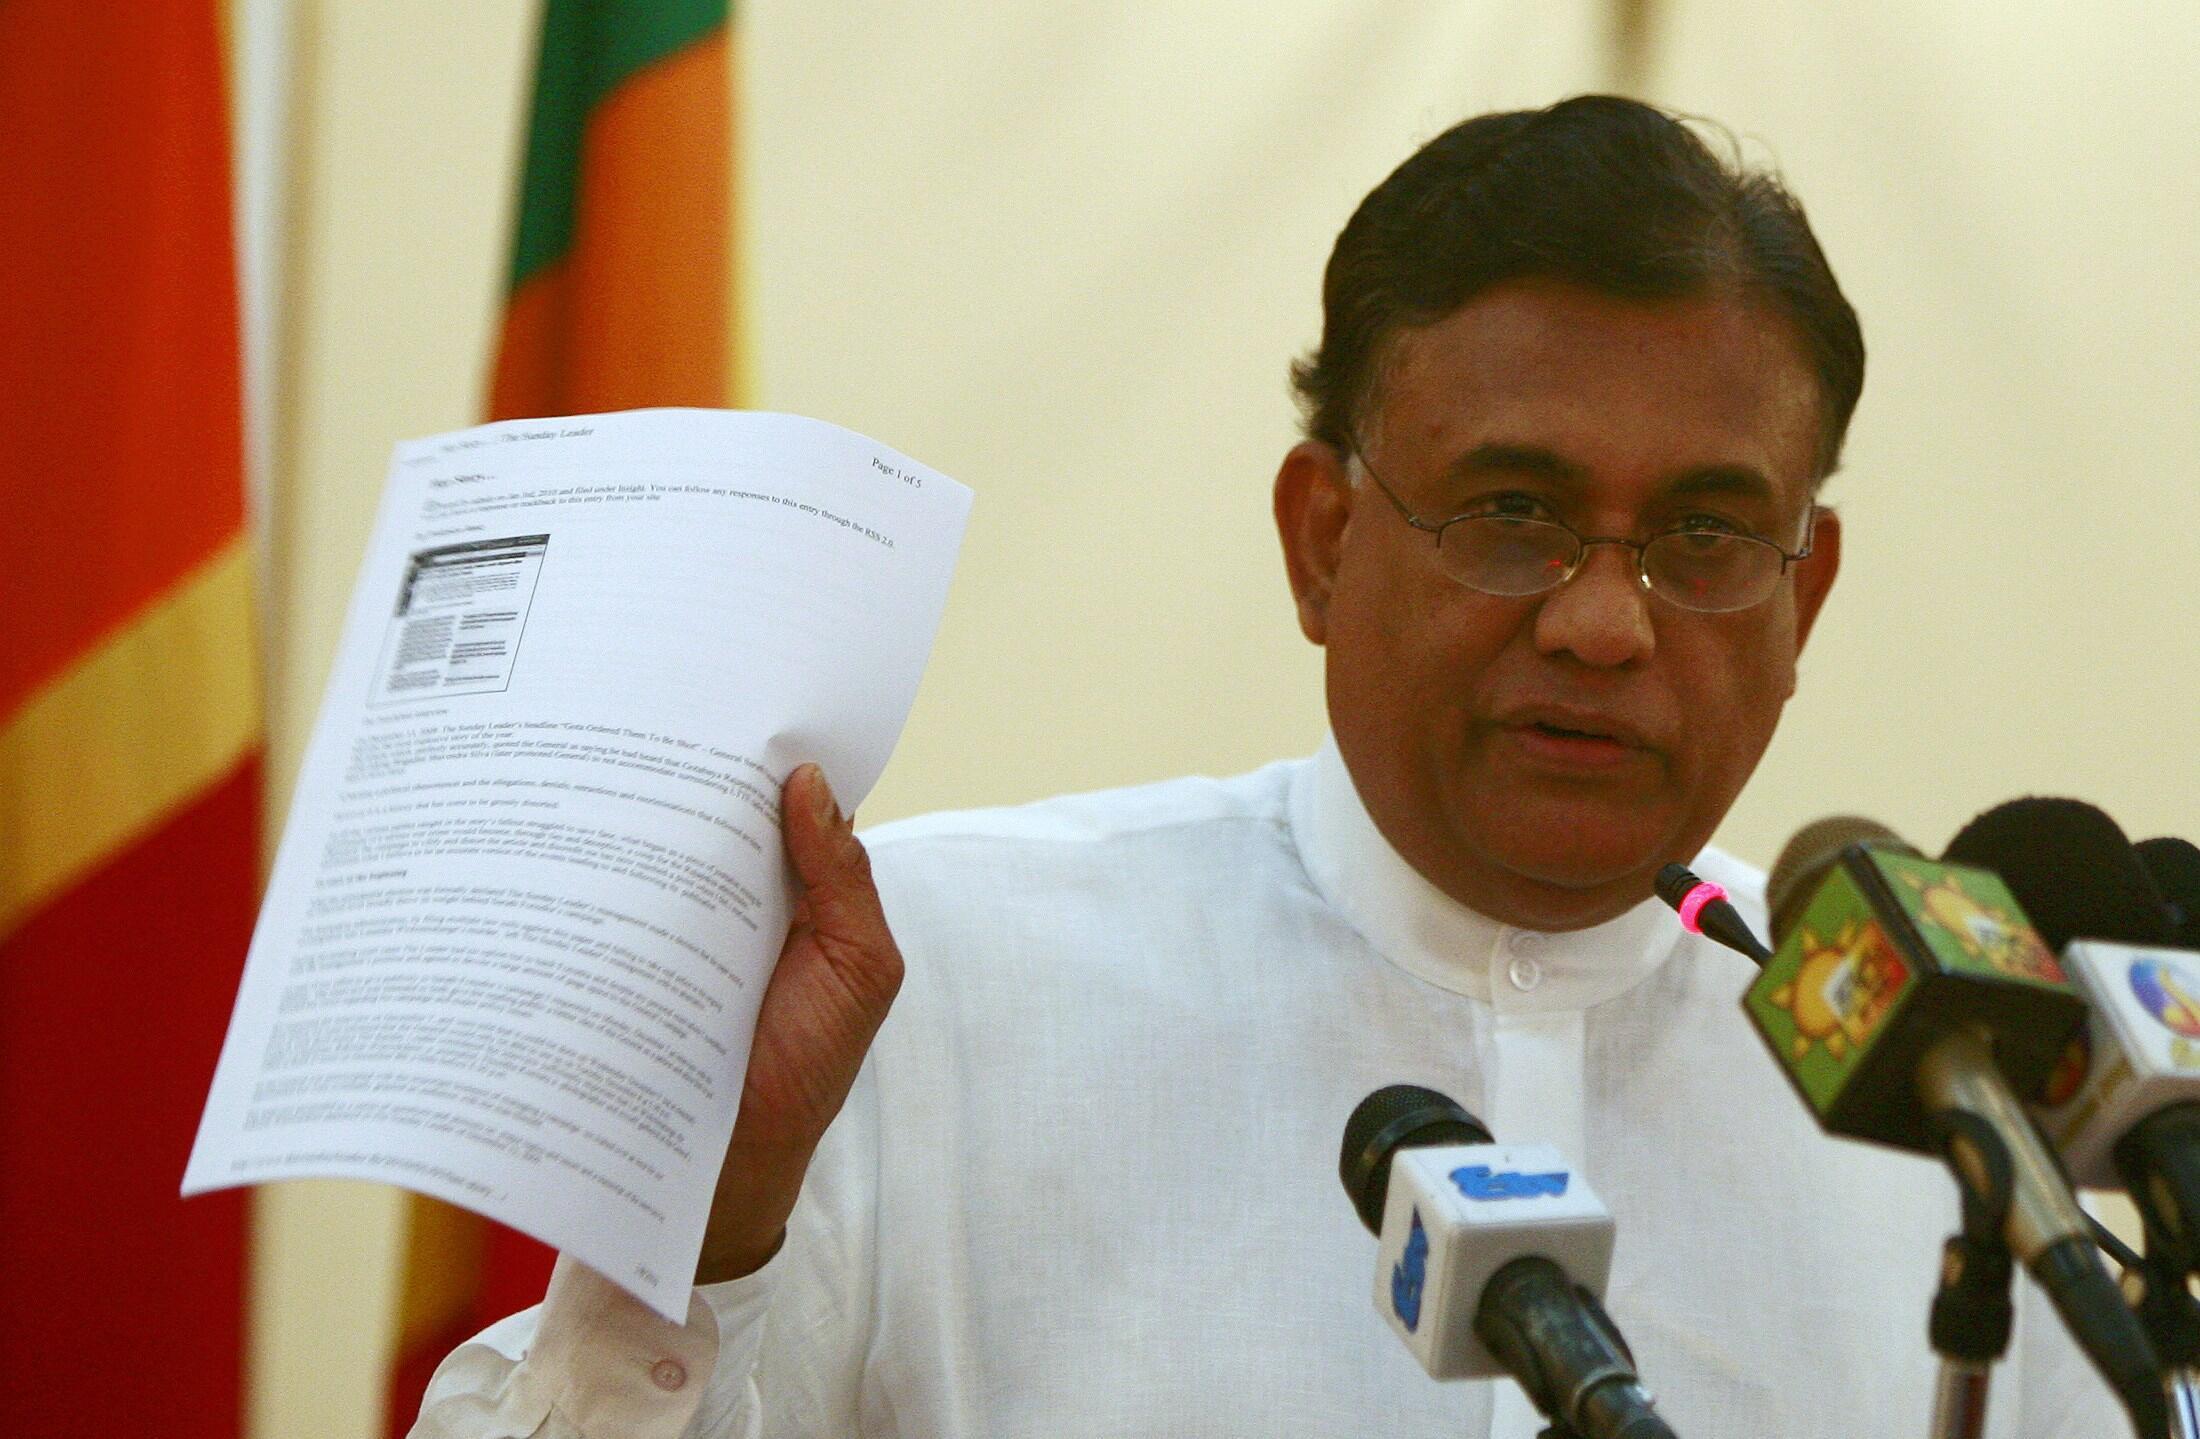 Rohitha Bogollagama, ministre sri-lankais des Affaires étrangères, montre une copie d'un rapport des Nations unies sur la vidéo des présumées éxécutions, lors d'une conférence de presse à Colombo, le 8 janvier 2010.